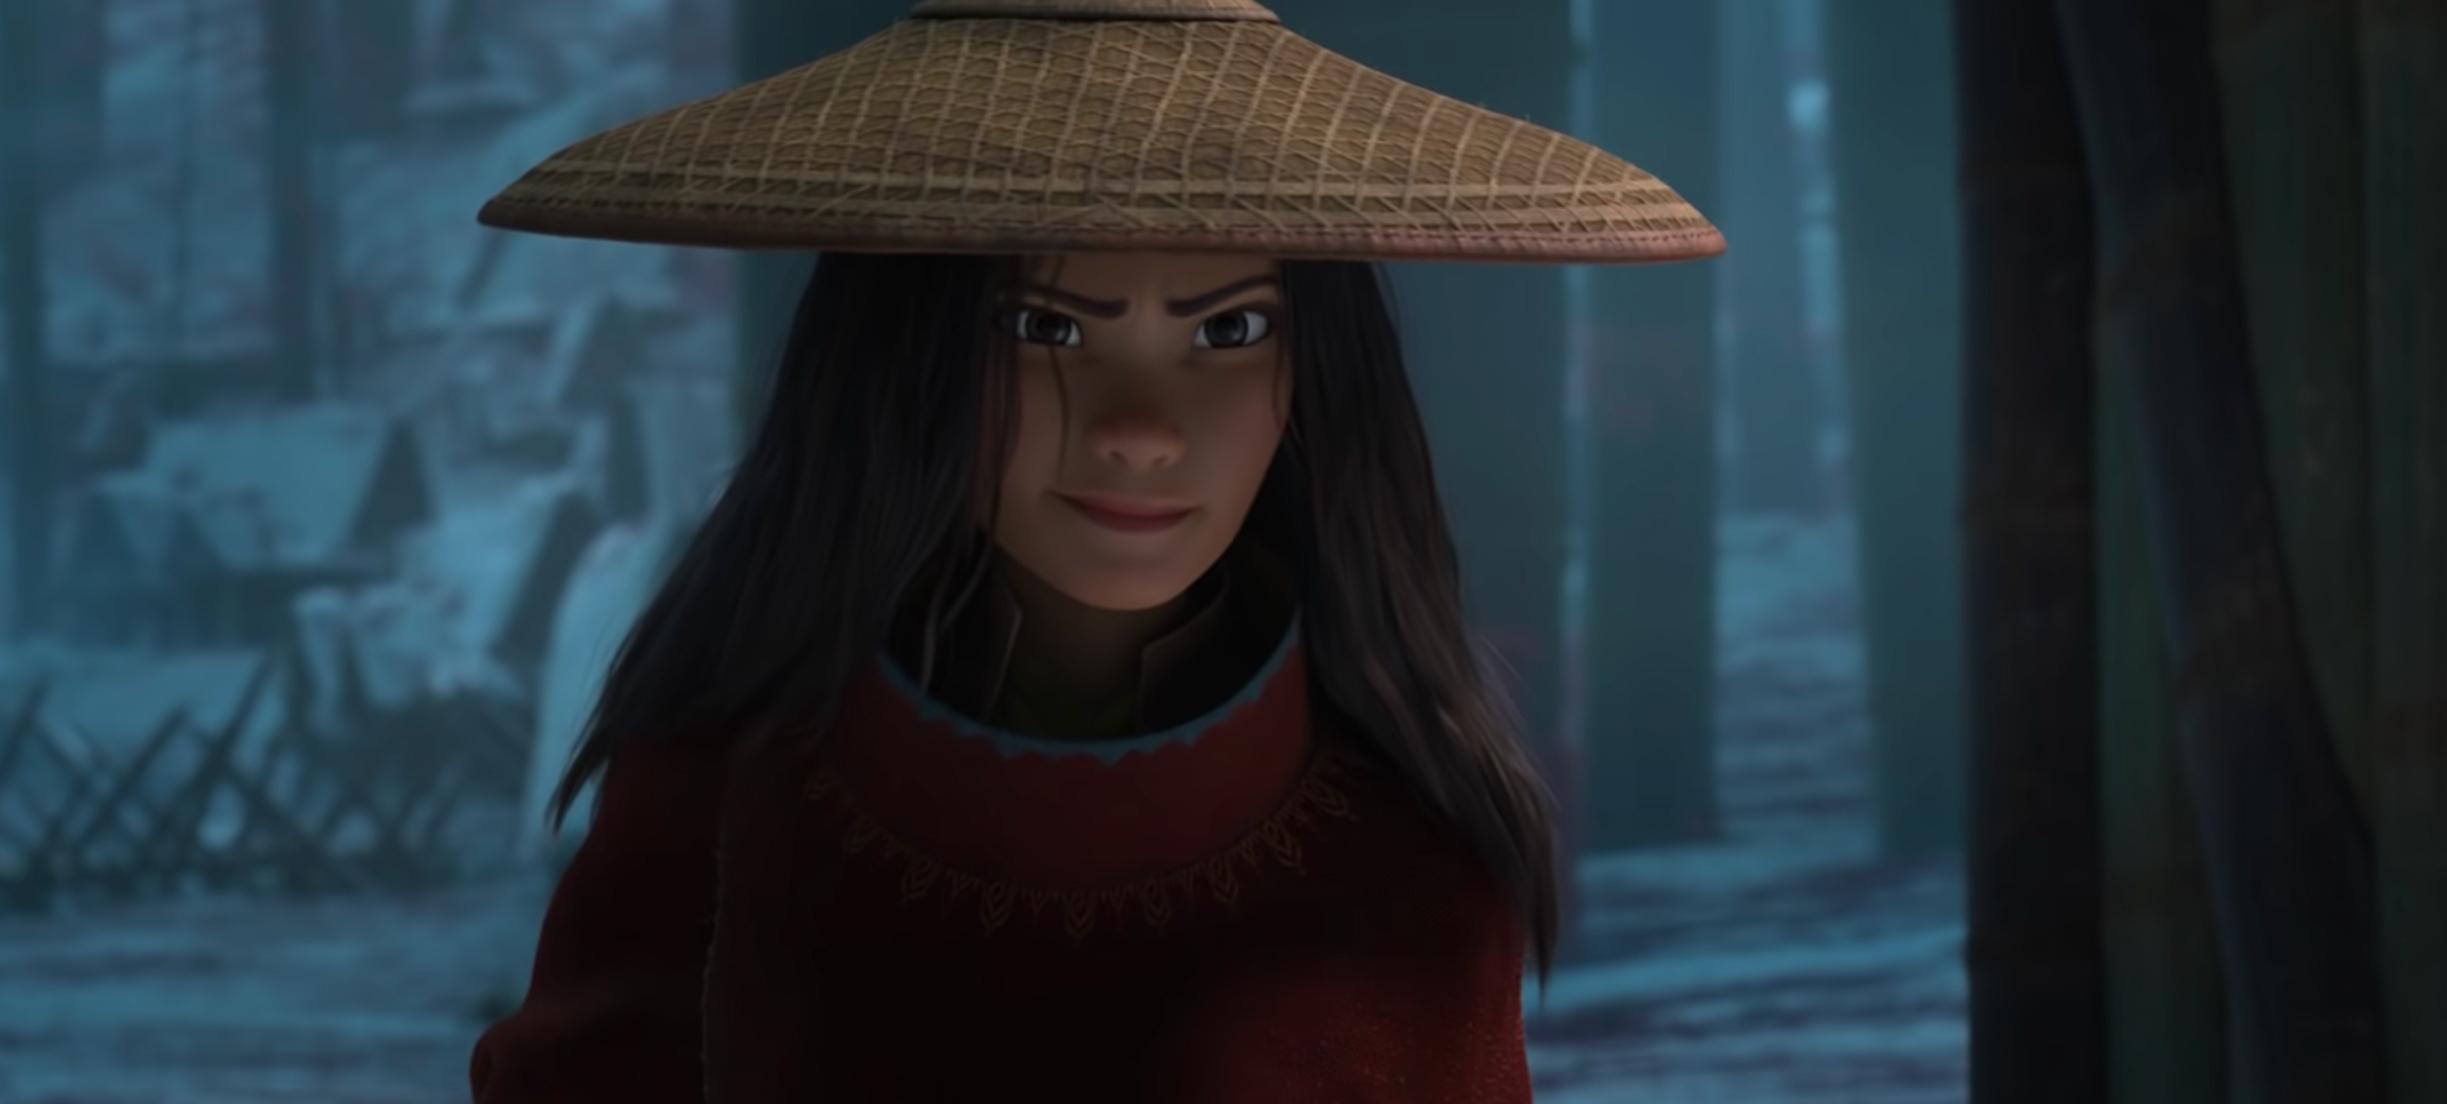 De dag in vooruitgang: Eerste Disneyfilm met Zuidoost-Aziatische heldin